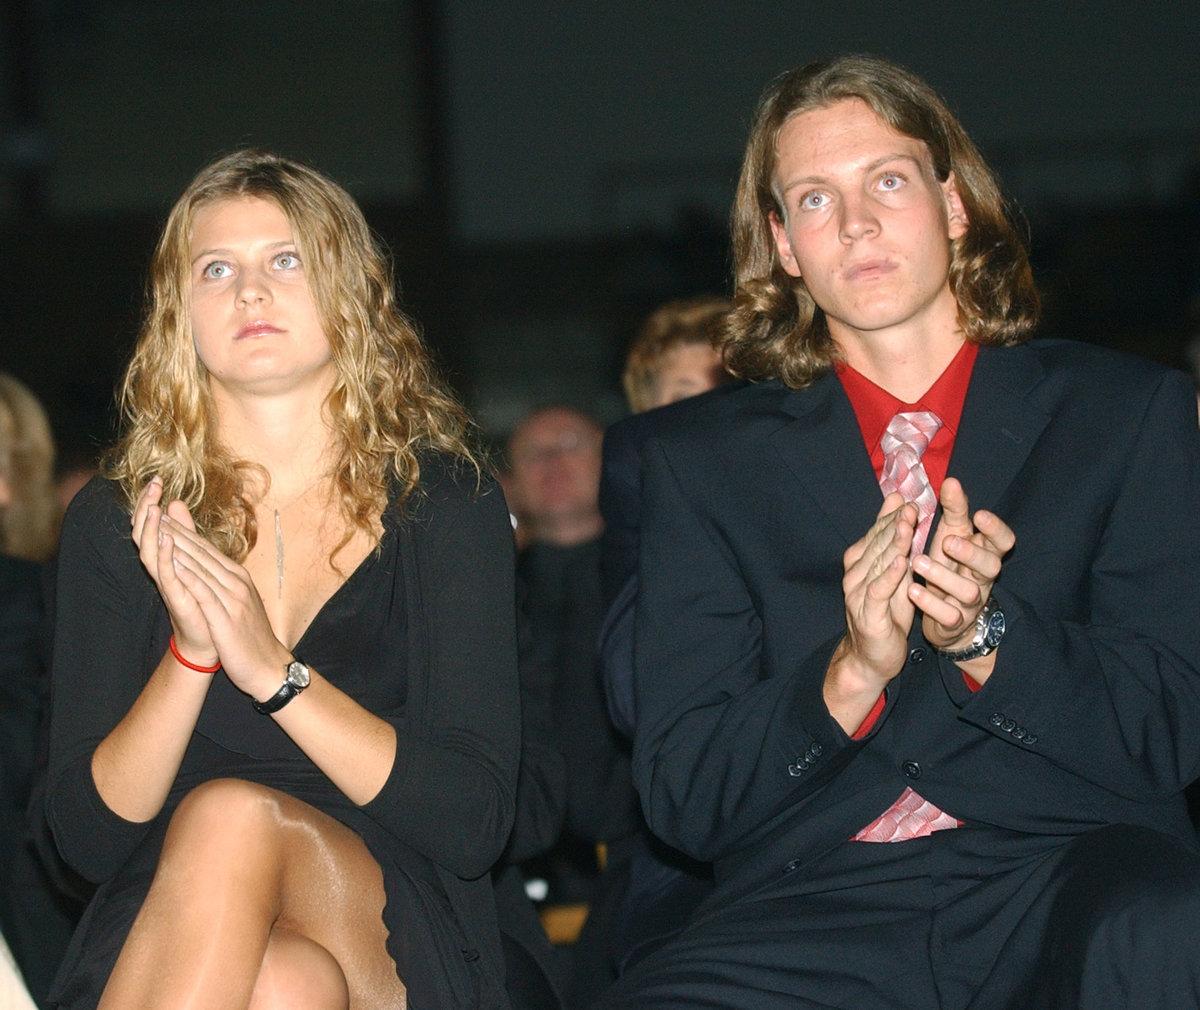 2004. Lucie Šafářová na vyhlášení ankety Zlatý kanár po boku Tomáše Berdycha.